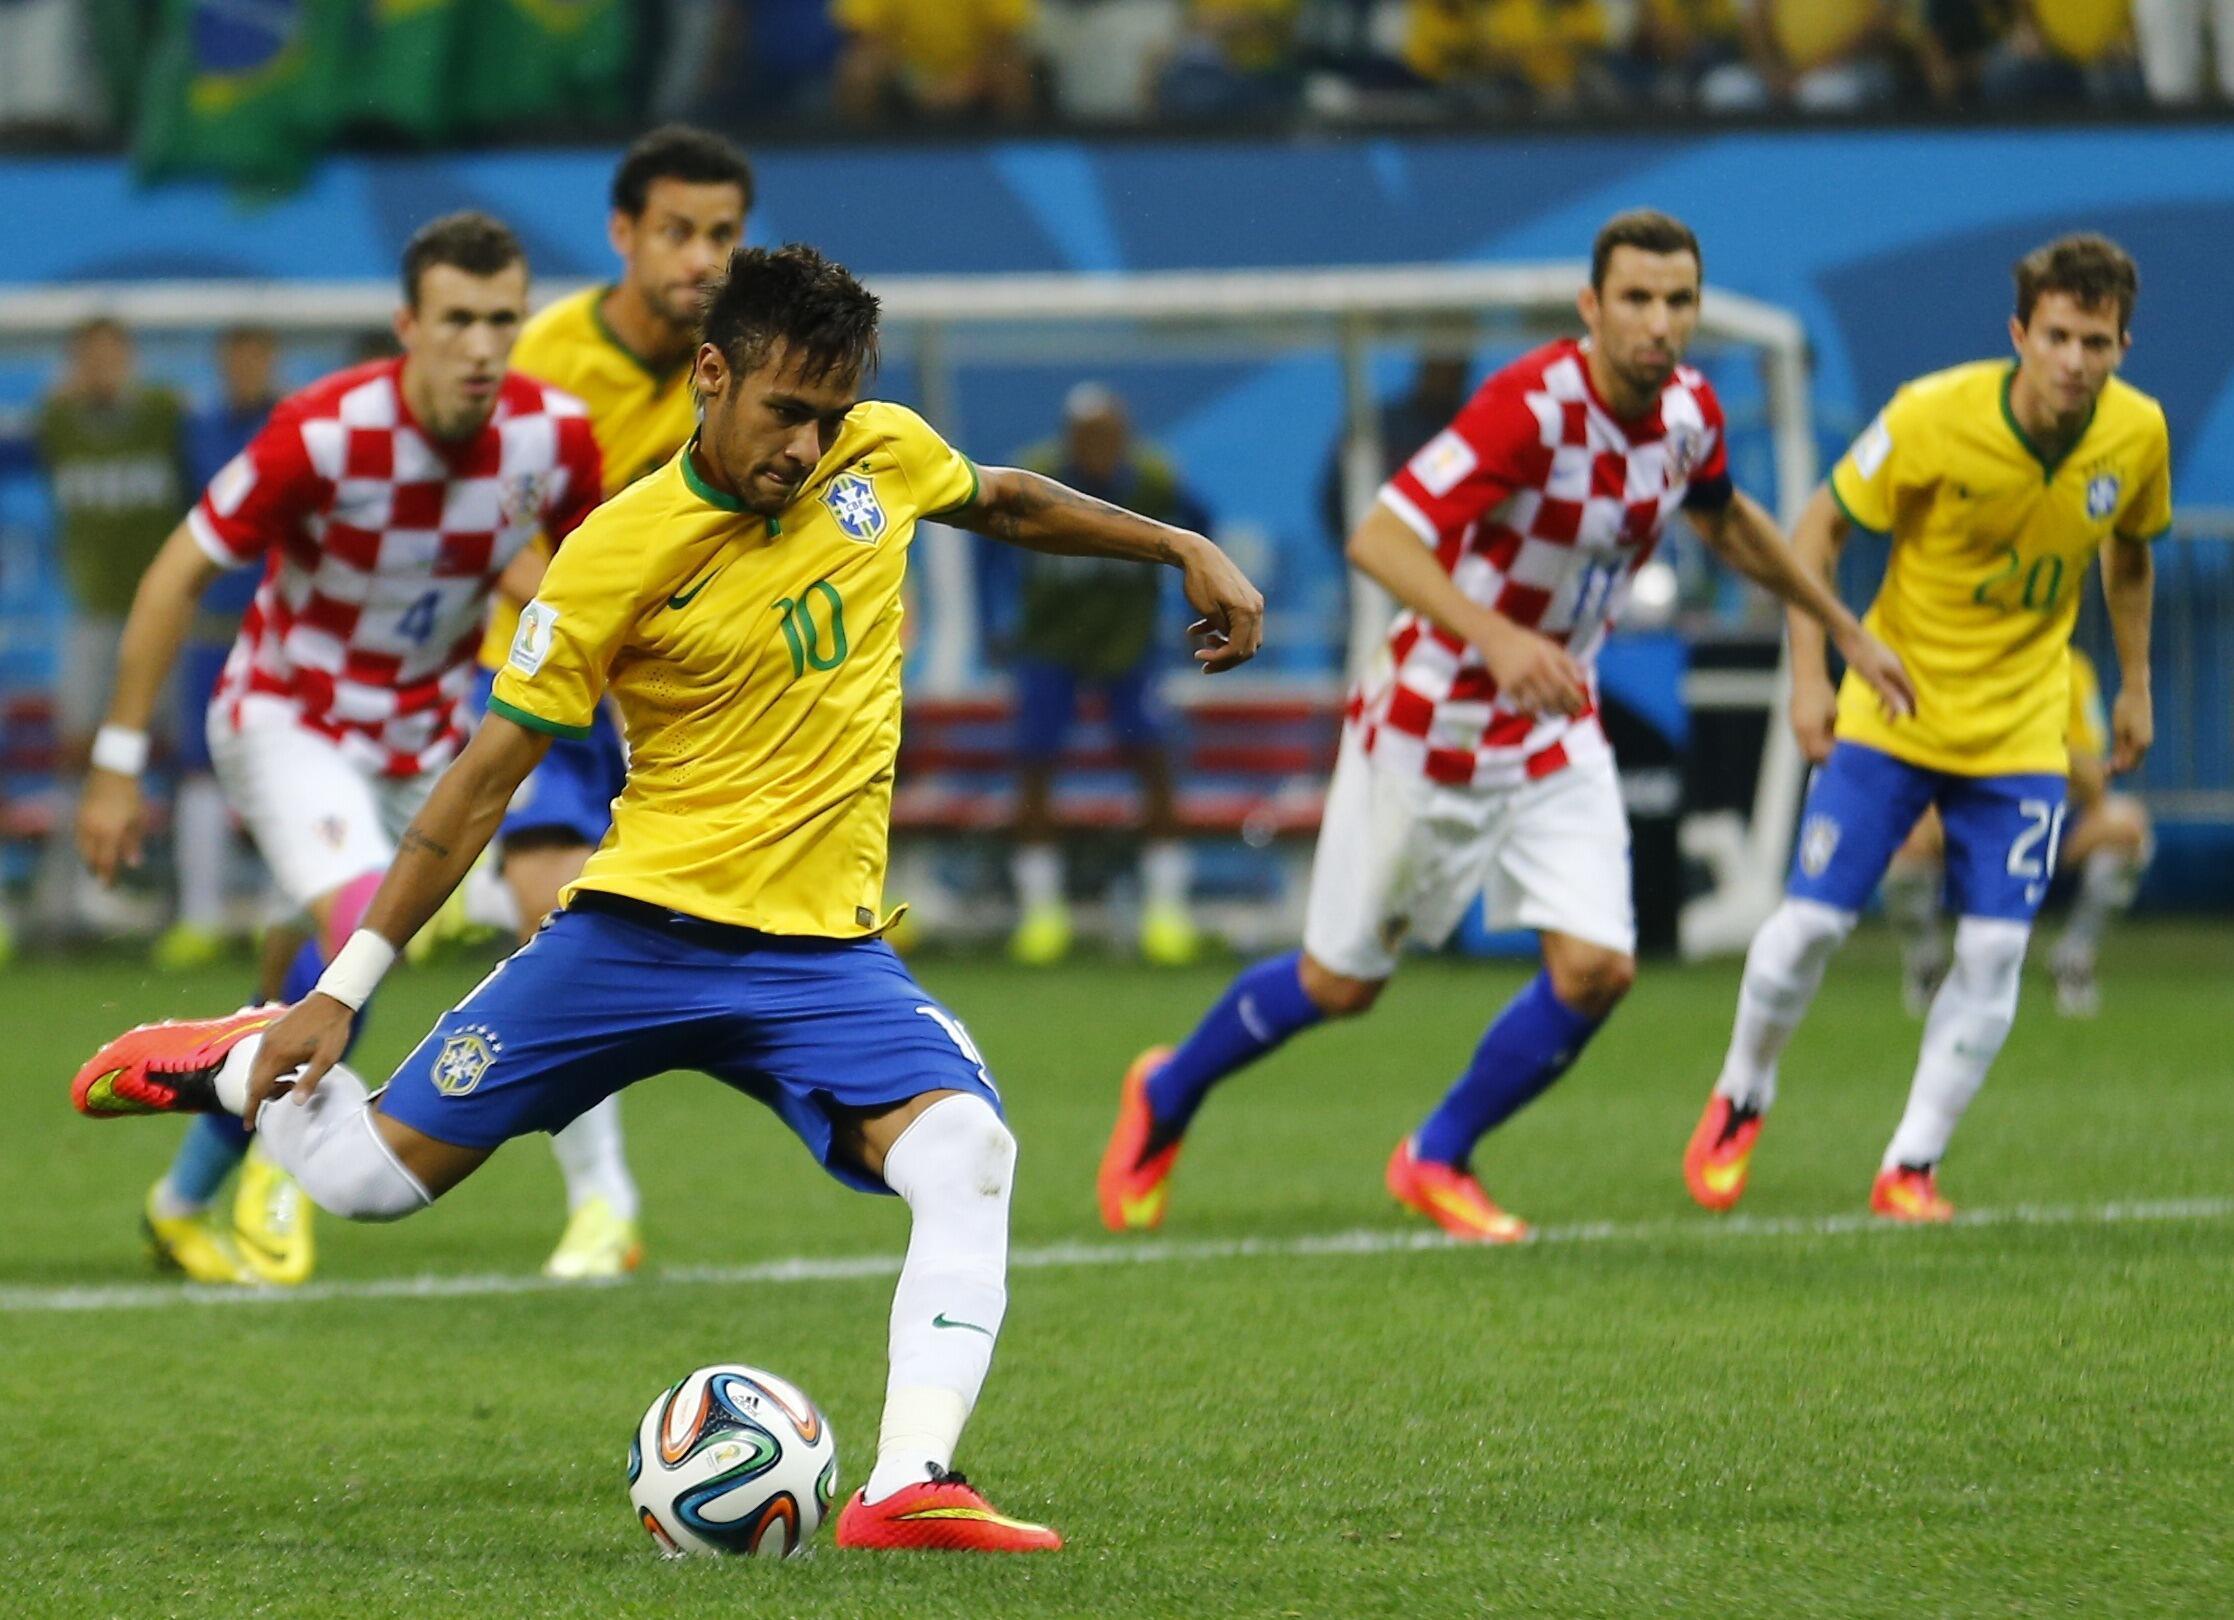 Neymar, số 10 đội tuyển Brazil, ghi hai bàn trong trận gặp Croiatia, khai mạc Cúp bóng đá thế giới 2014 tại sân vận động Sao Paulo, 12/06/2014